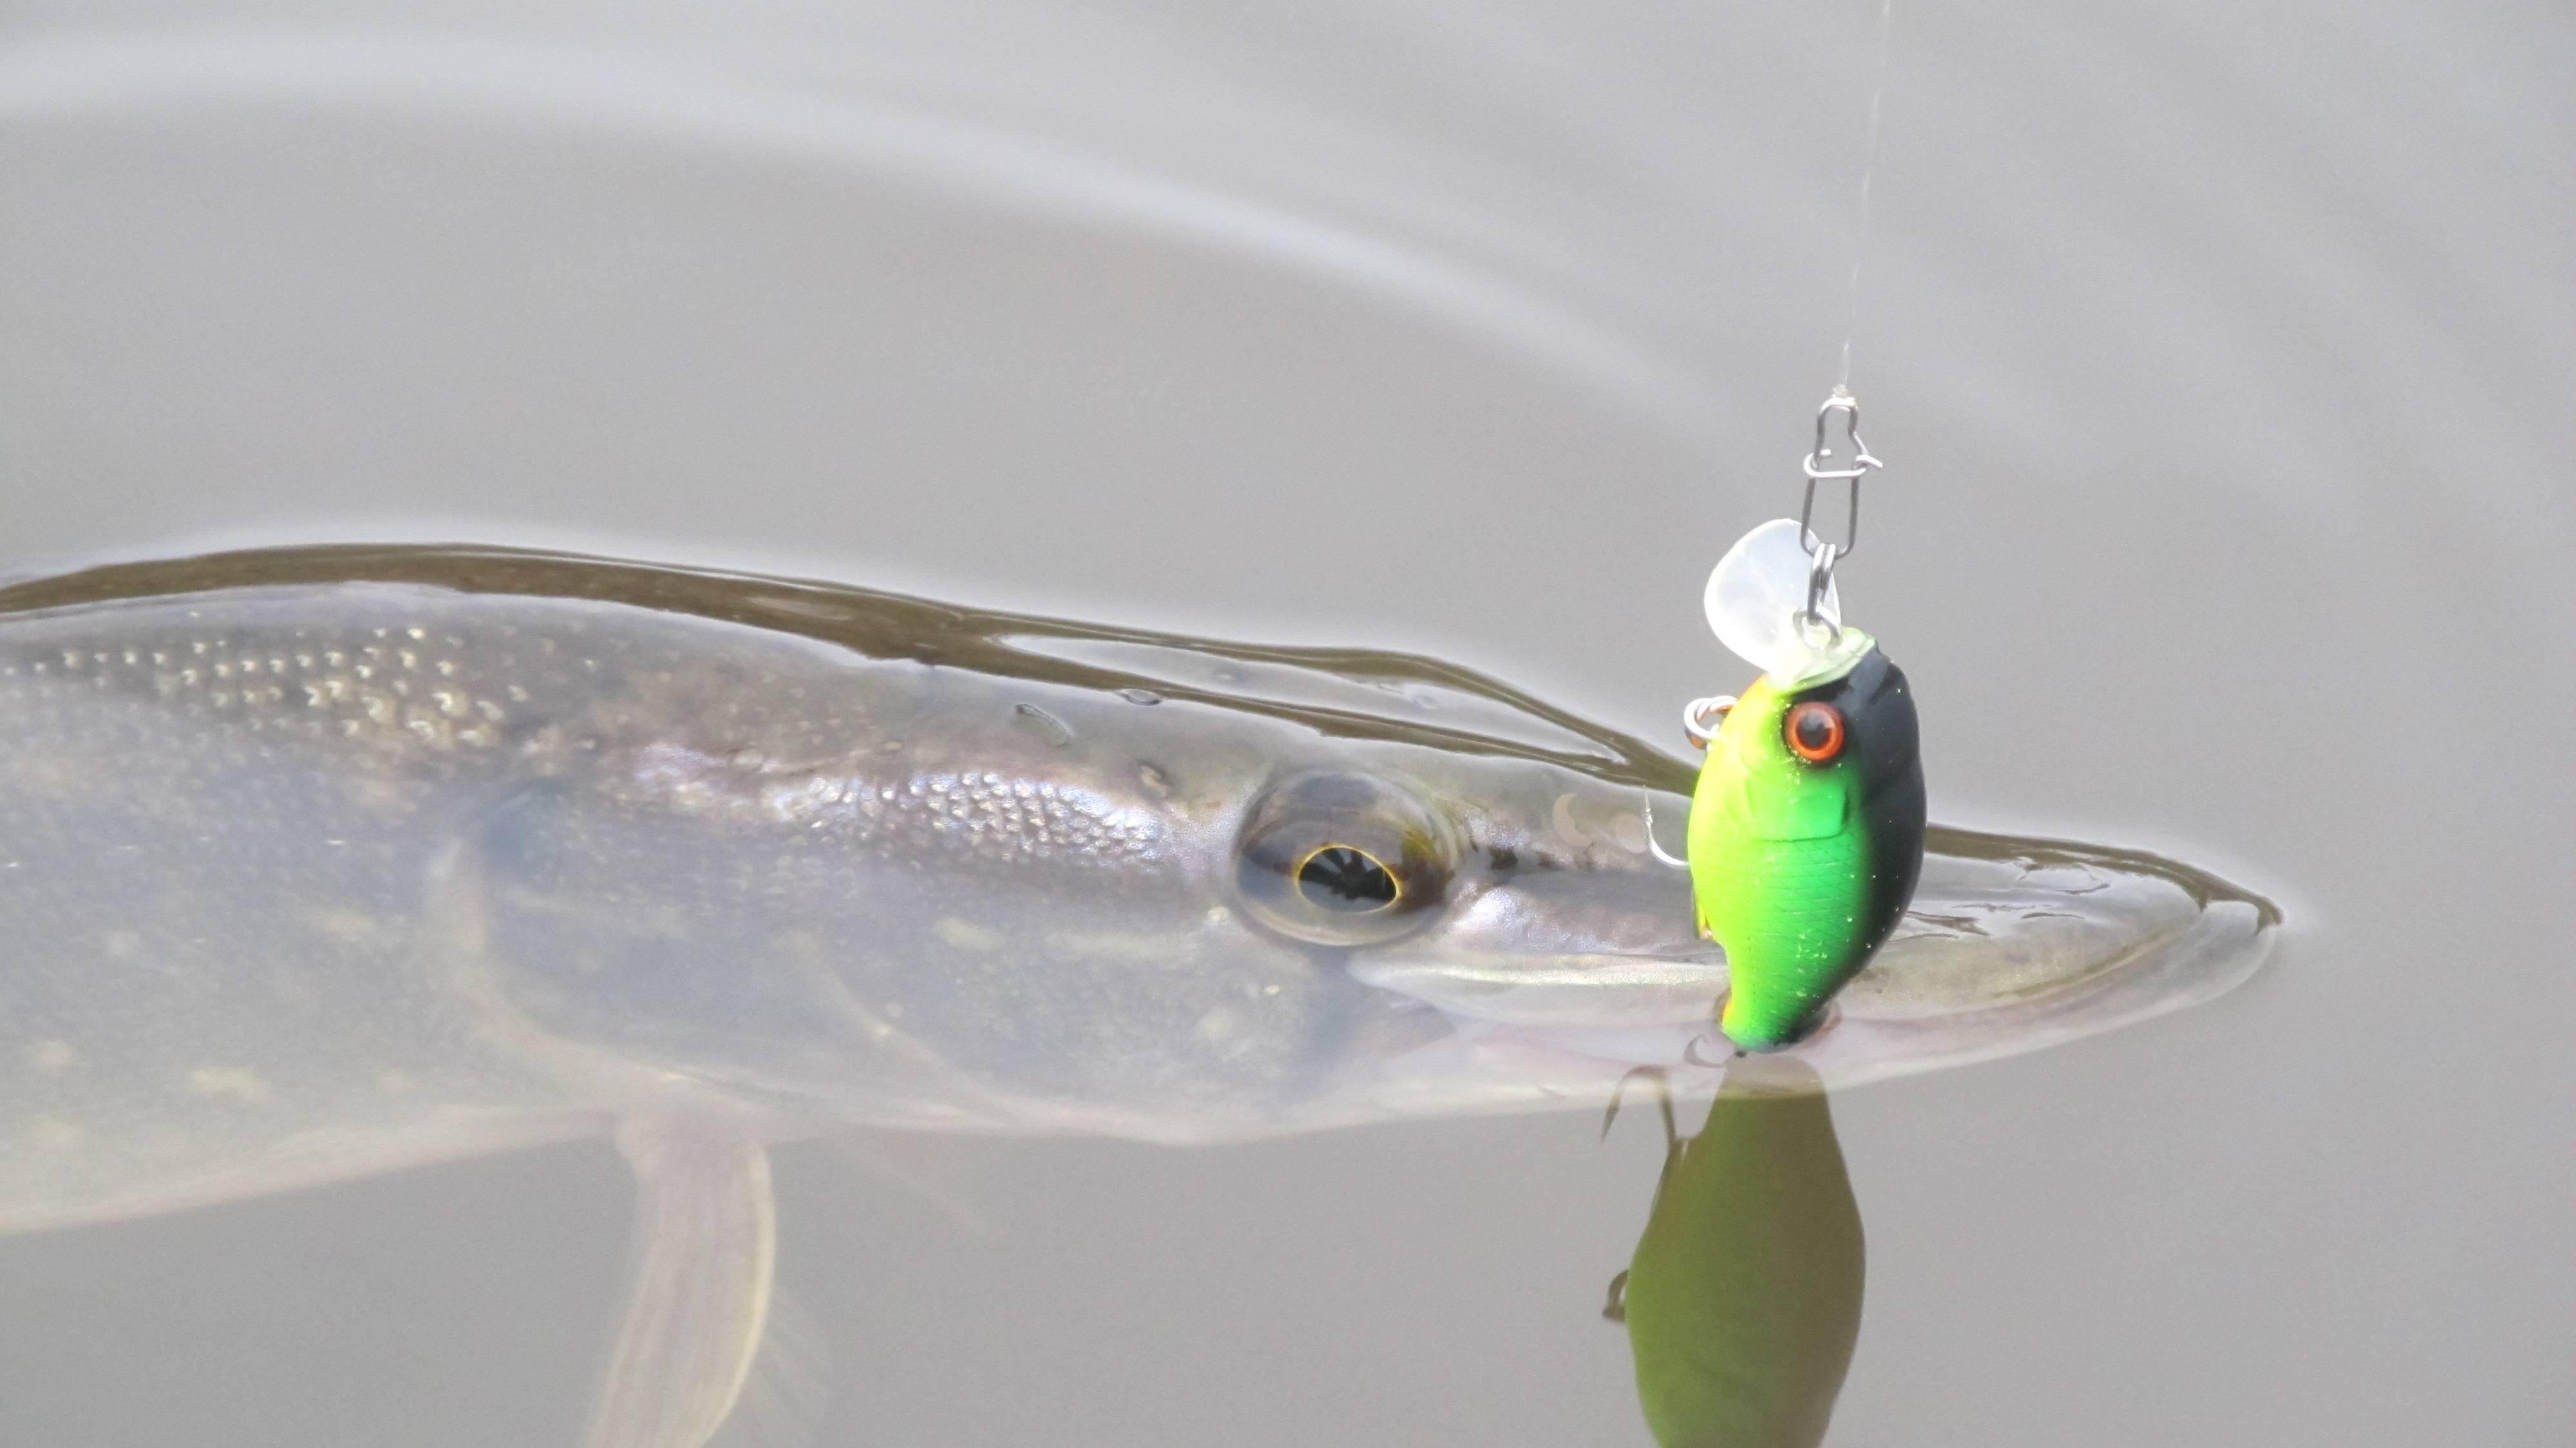 Лучшие воблеры для троллинга – топ 10 – суперулов – интернет-портал о рыбалке